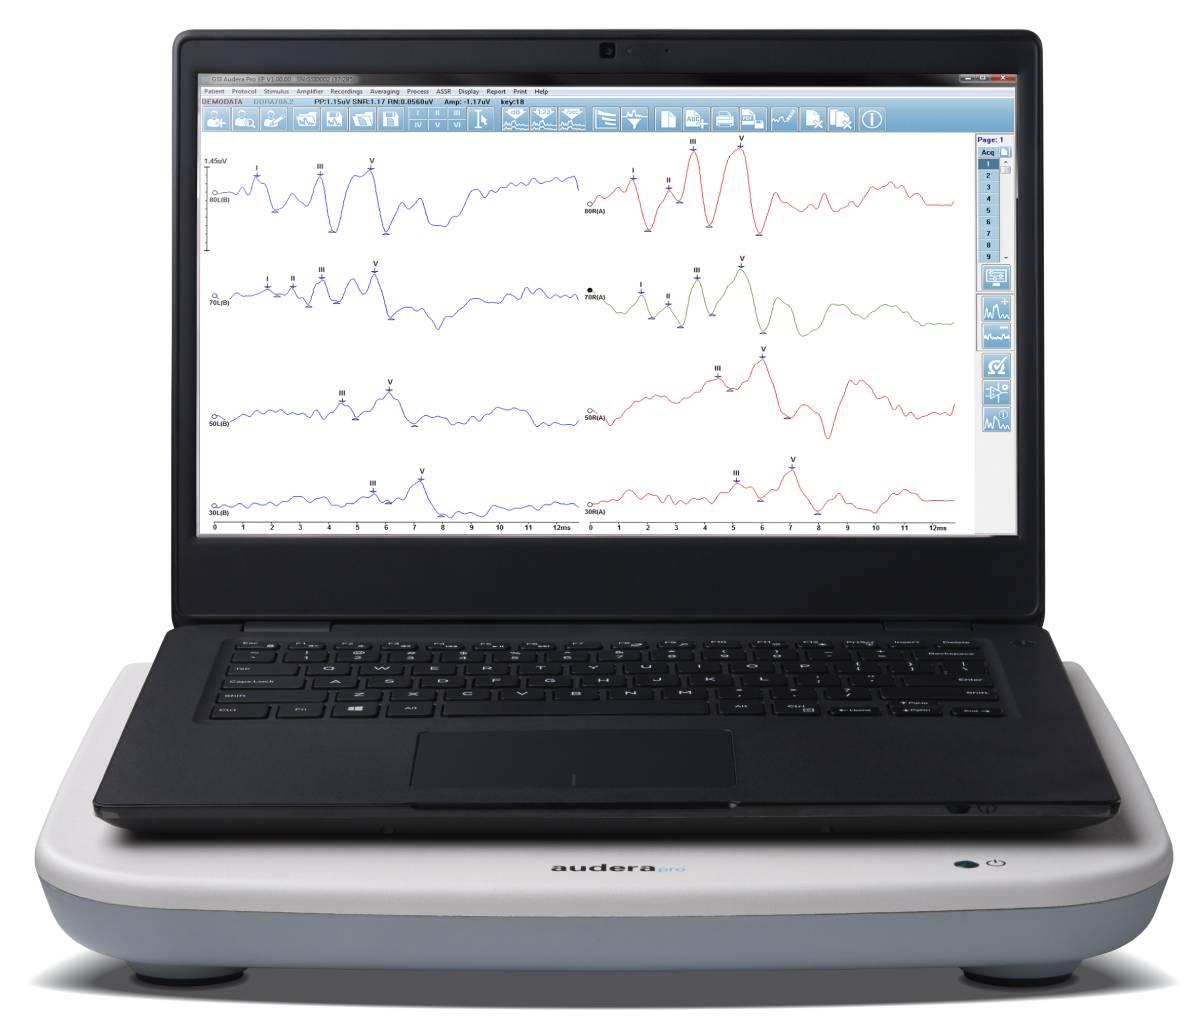 GSI Audera Pro Laptop